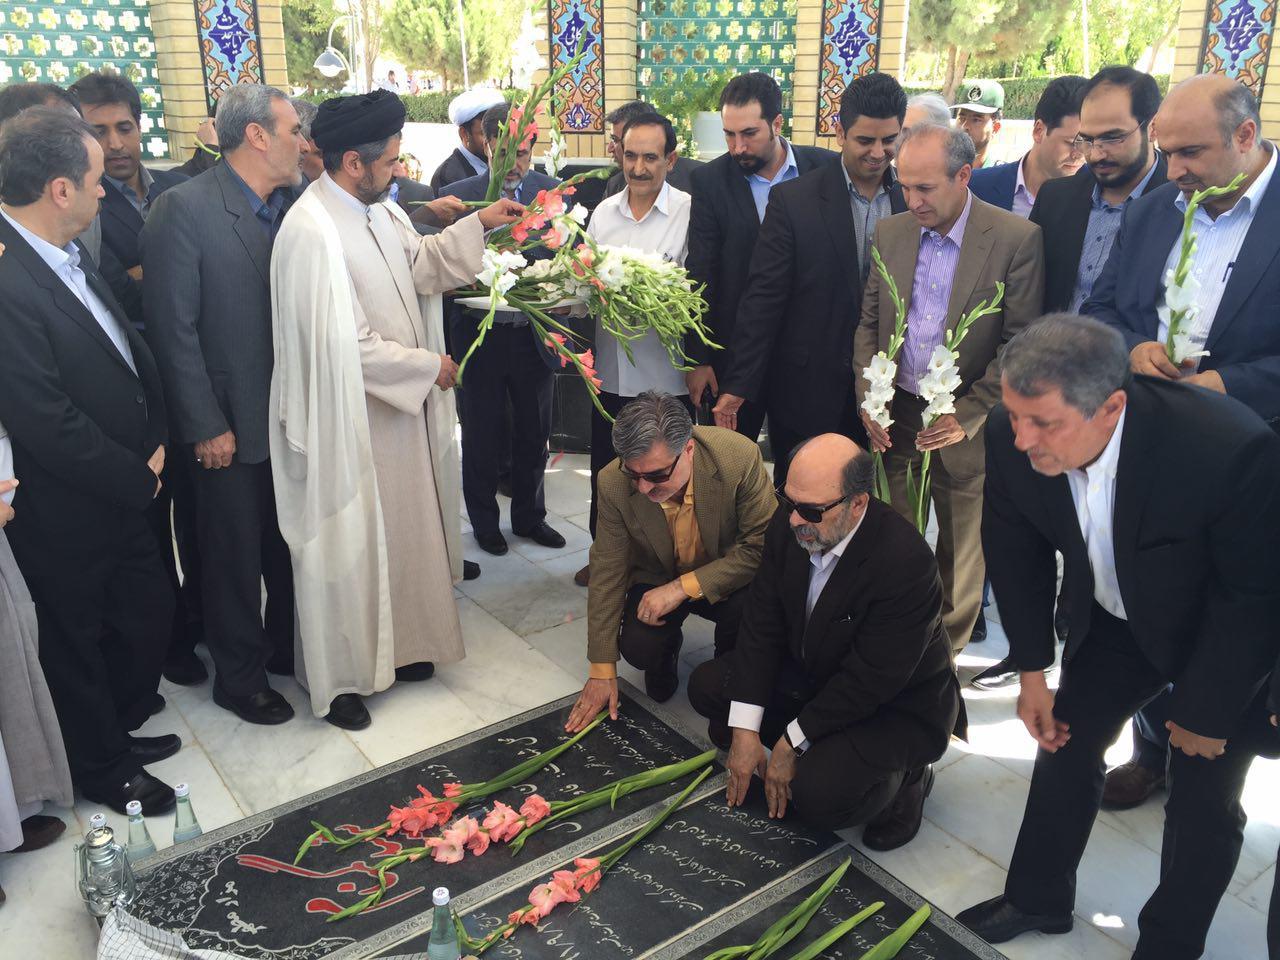 رئیس دانشگاه آزاد اسلامی از طرح یادمان شهدای گمنام واحد بجنورد رونمایی کرد